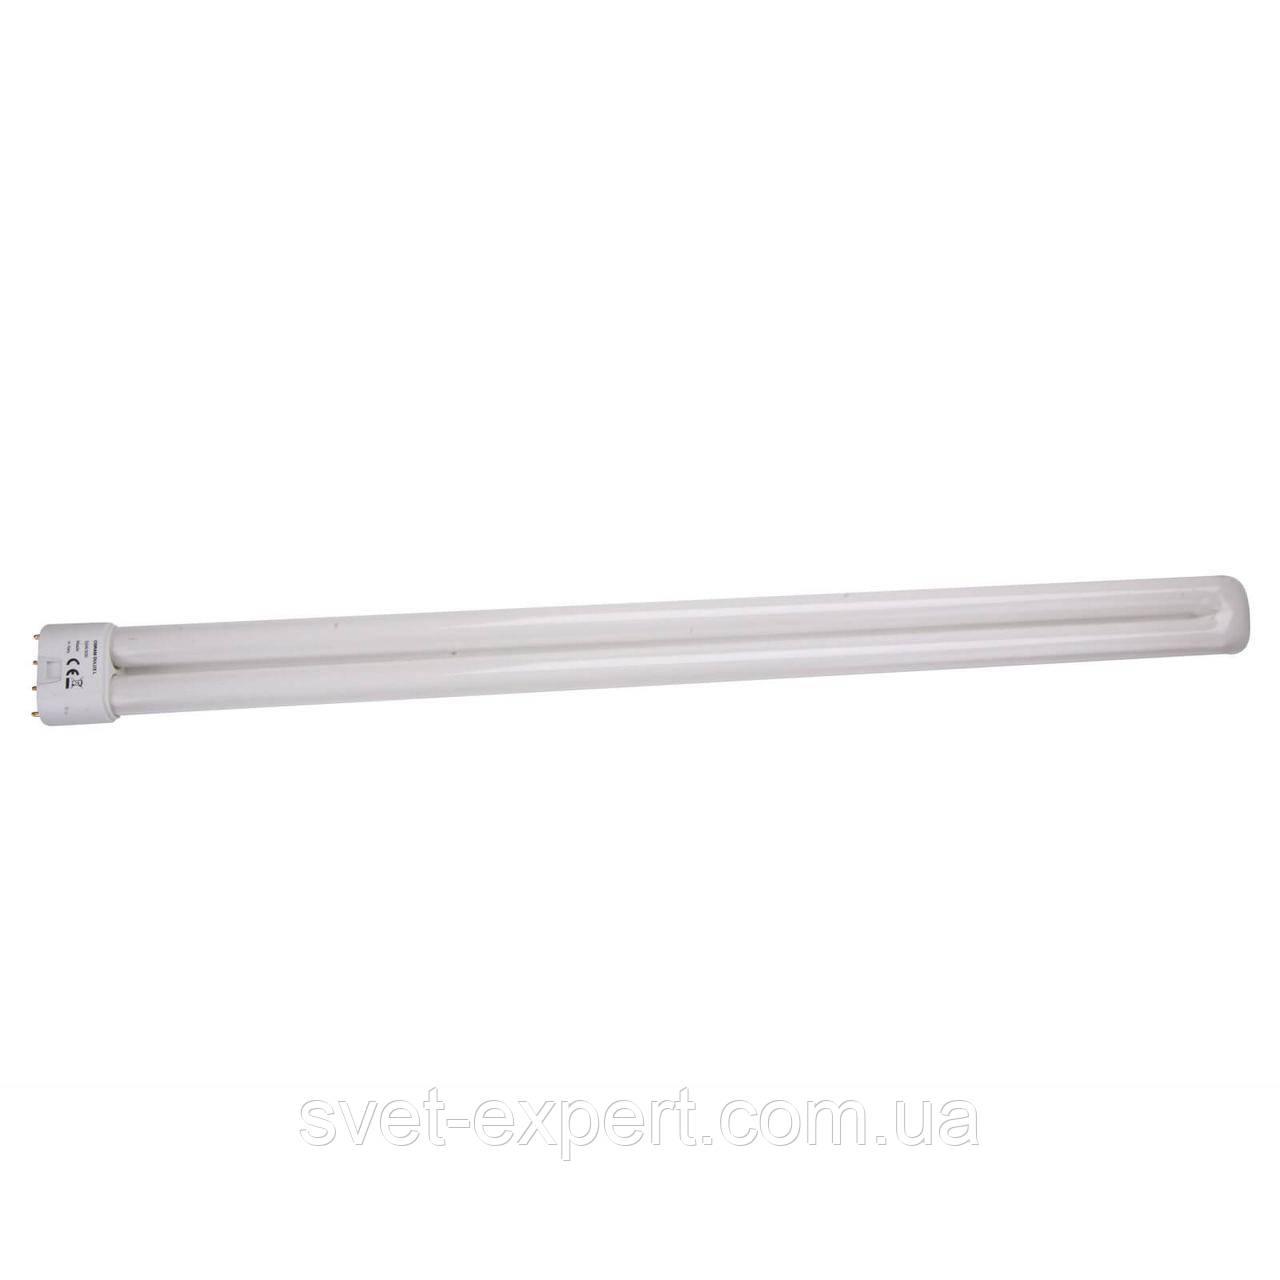 Лампа DULUX L 55W/930 2G11